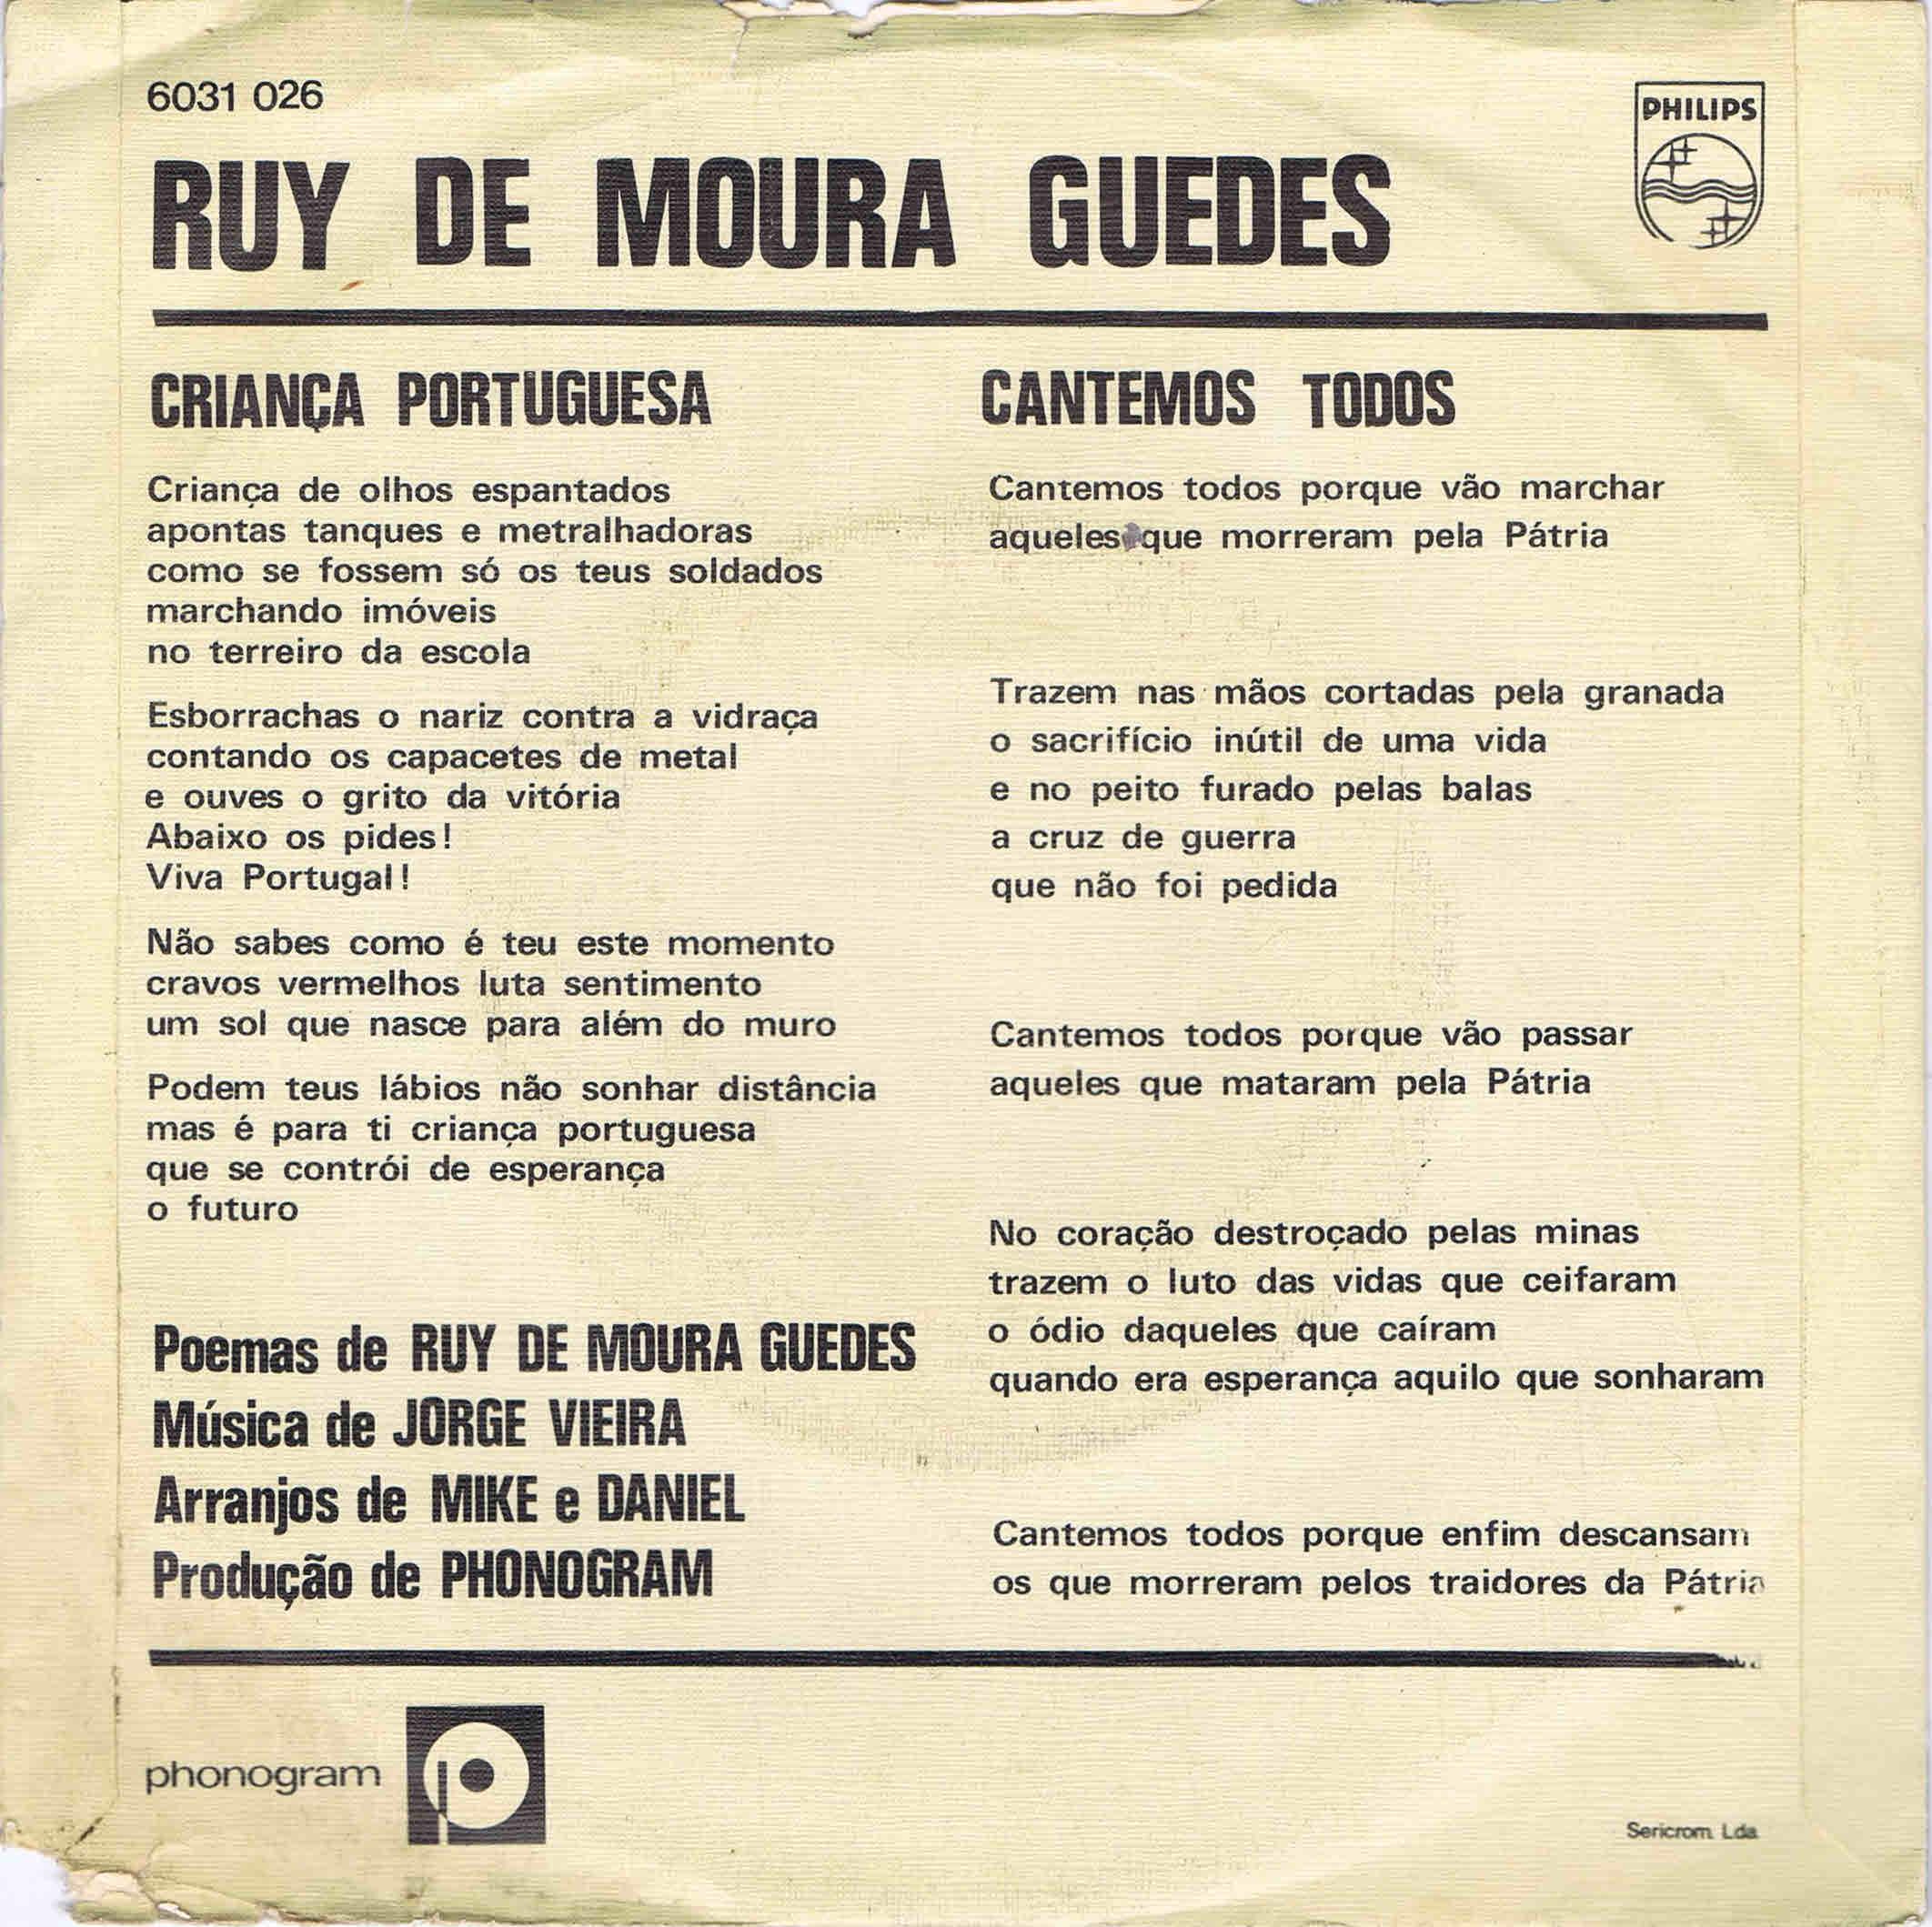 criança portuguesa